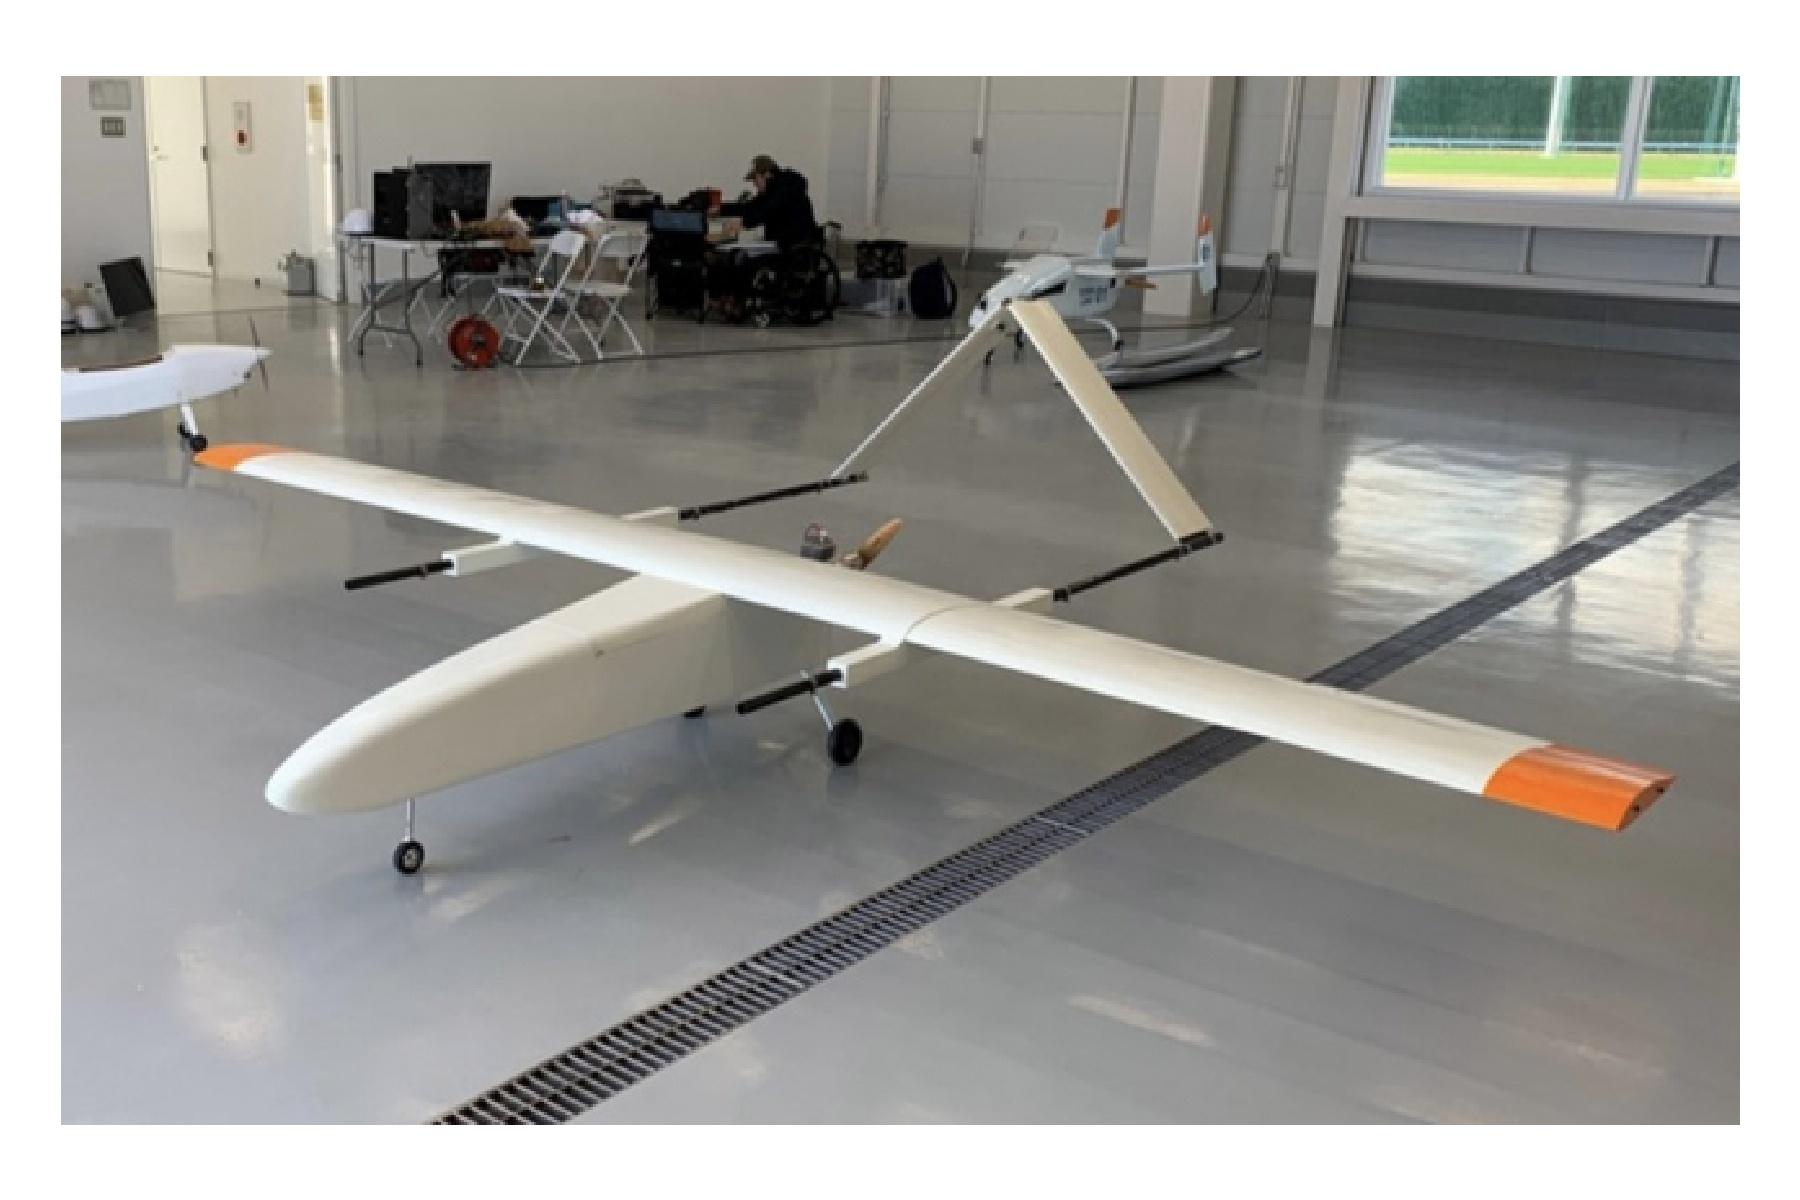 テラ・ラボ、災害対策長距離無人航空機の実用化・事業化へ向けて3億円資金調達